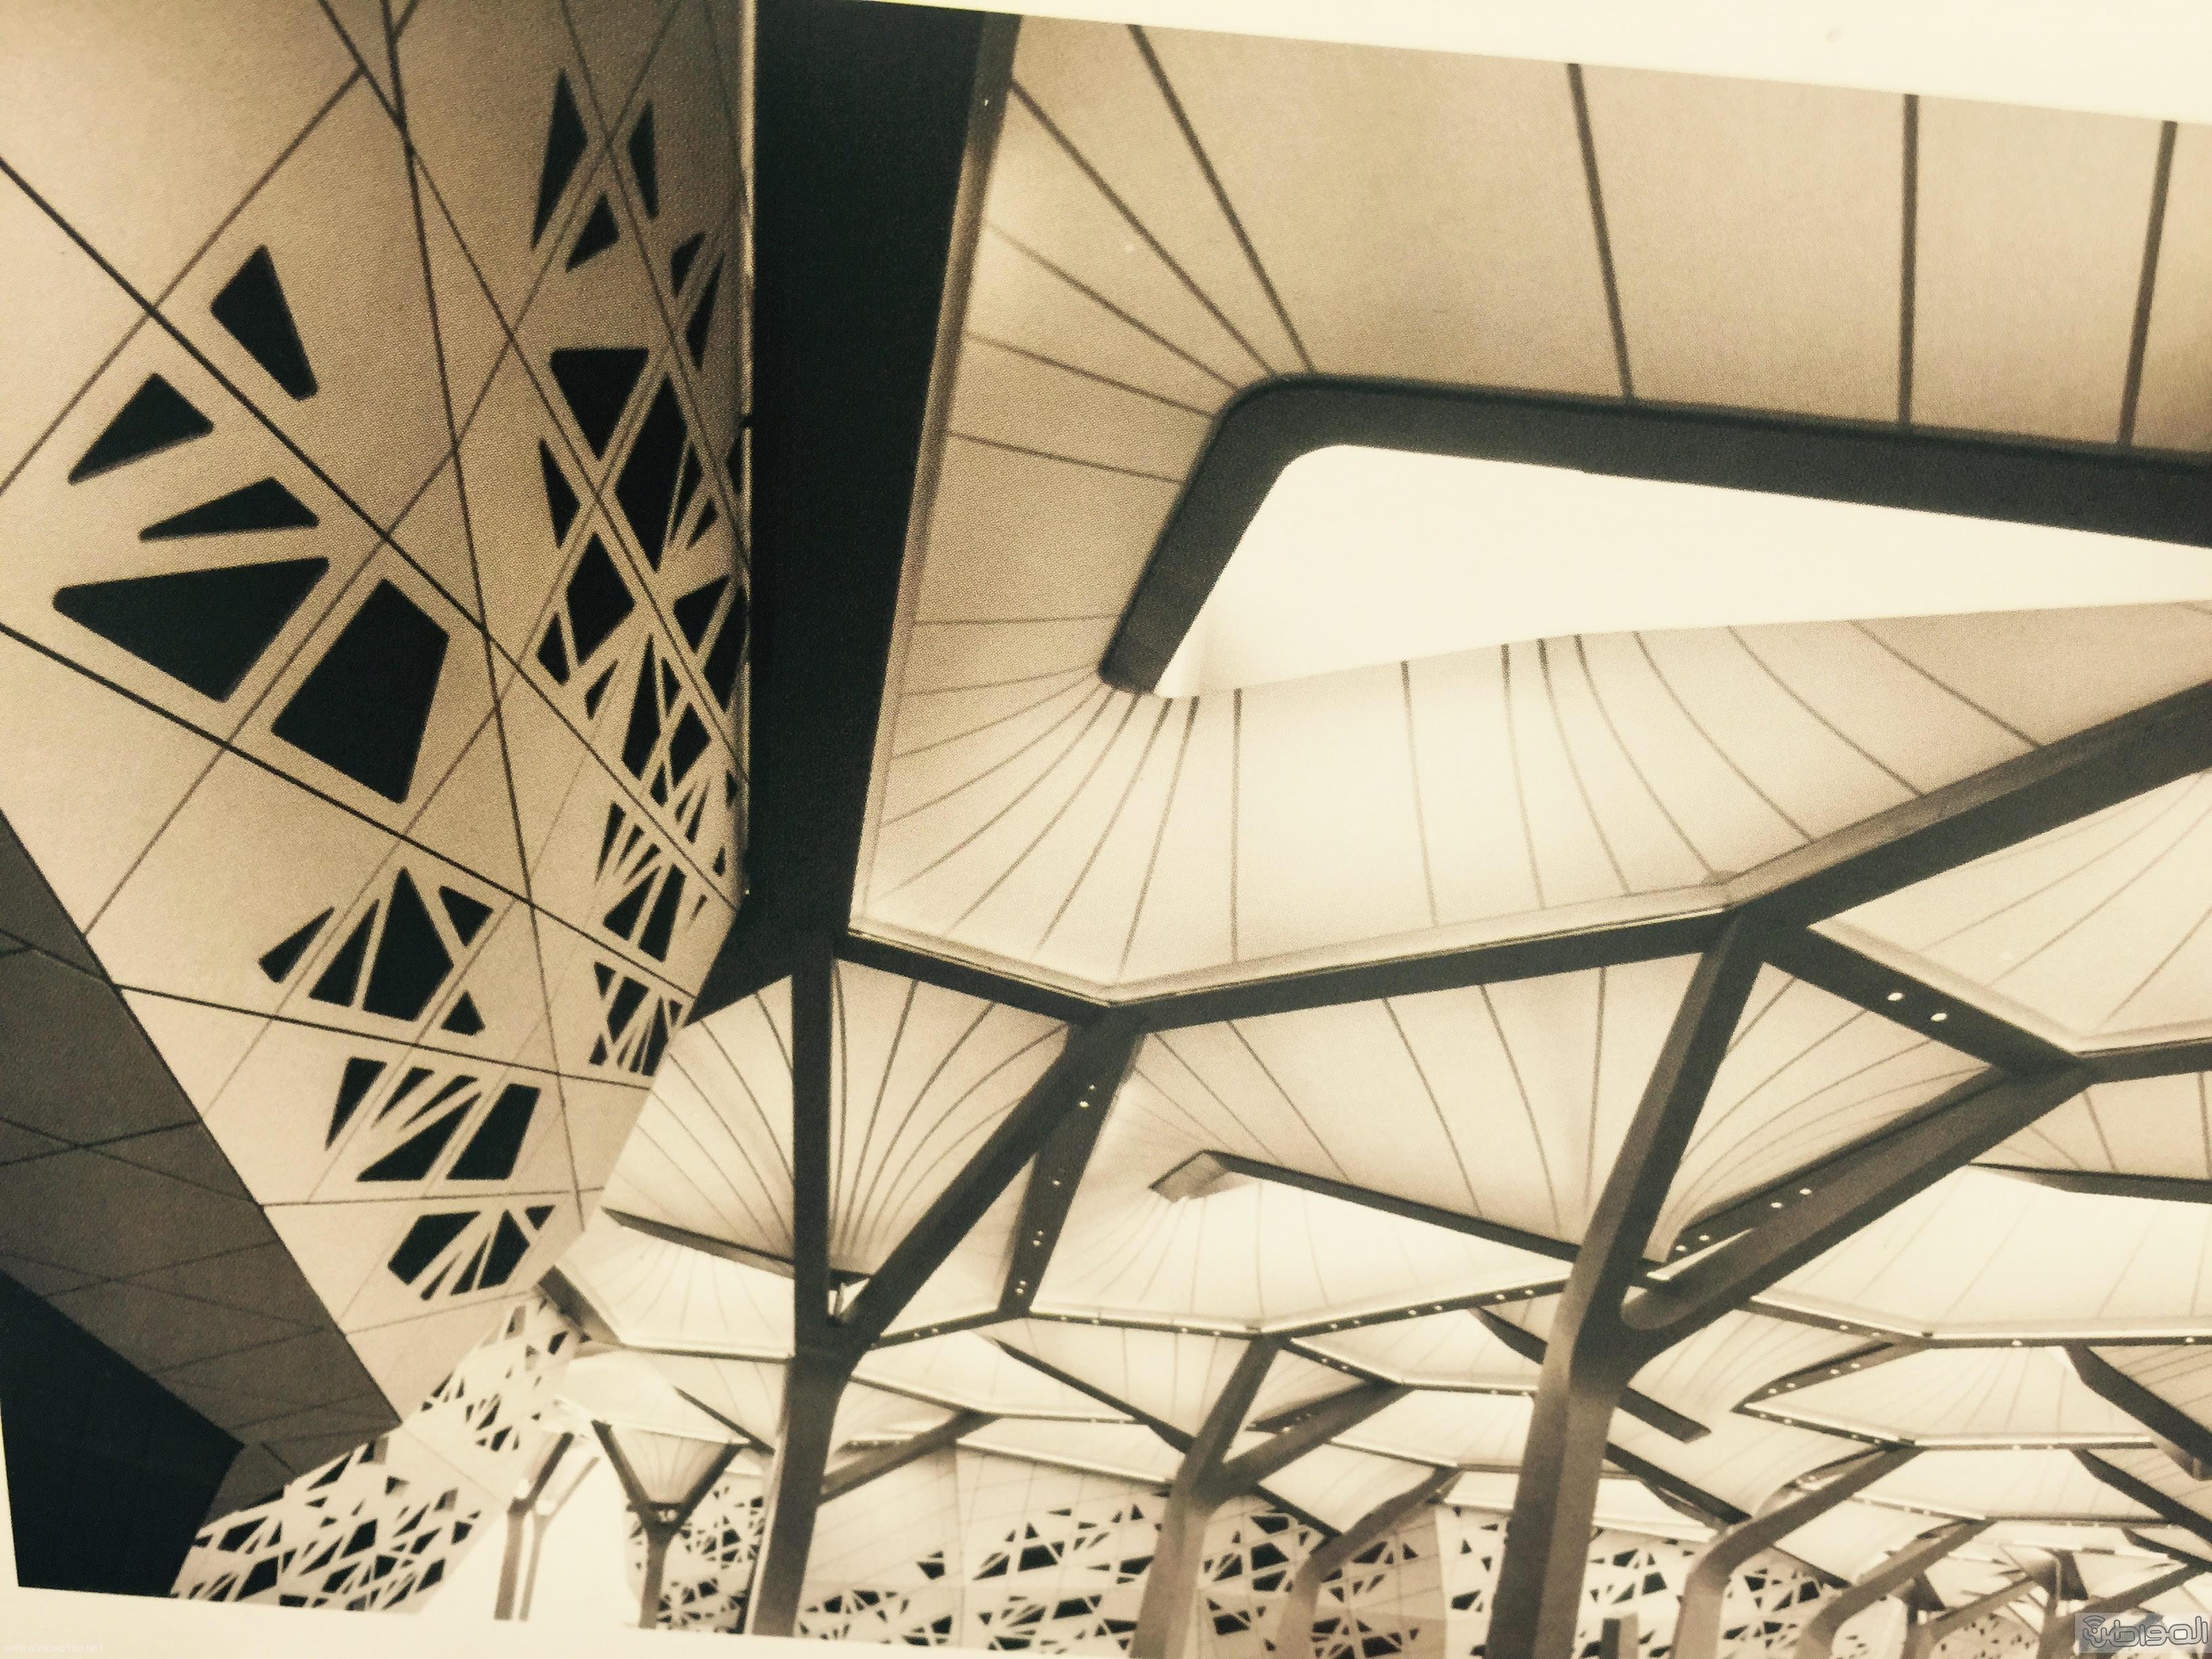 لقطات لمركز الملك عبدالله للدراسات والبحوث البترولية المرتقب افتتاحه اليوم (1)